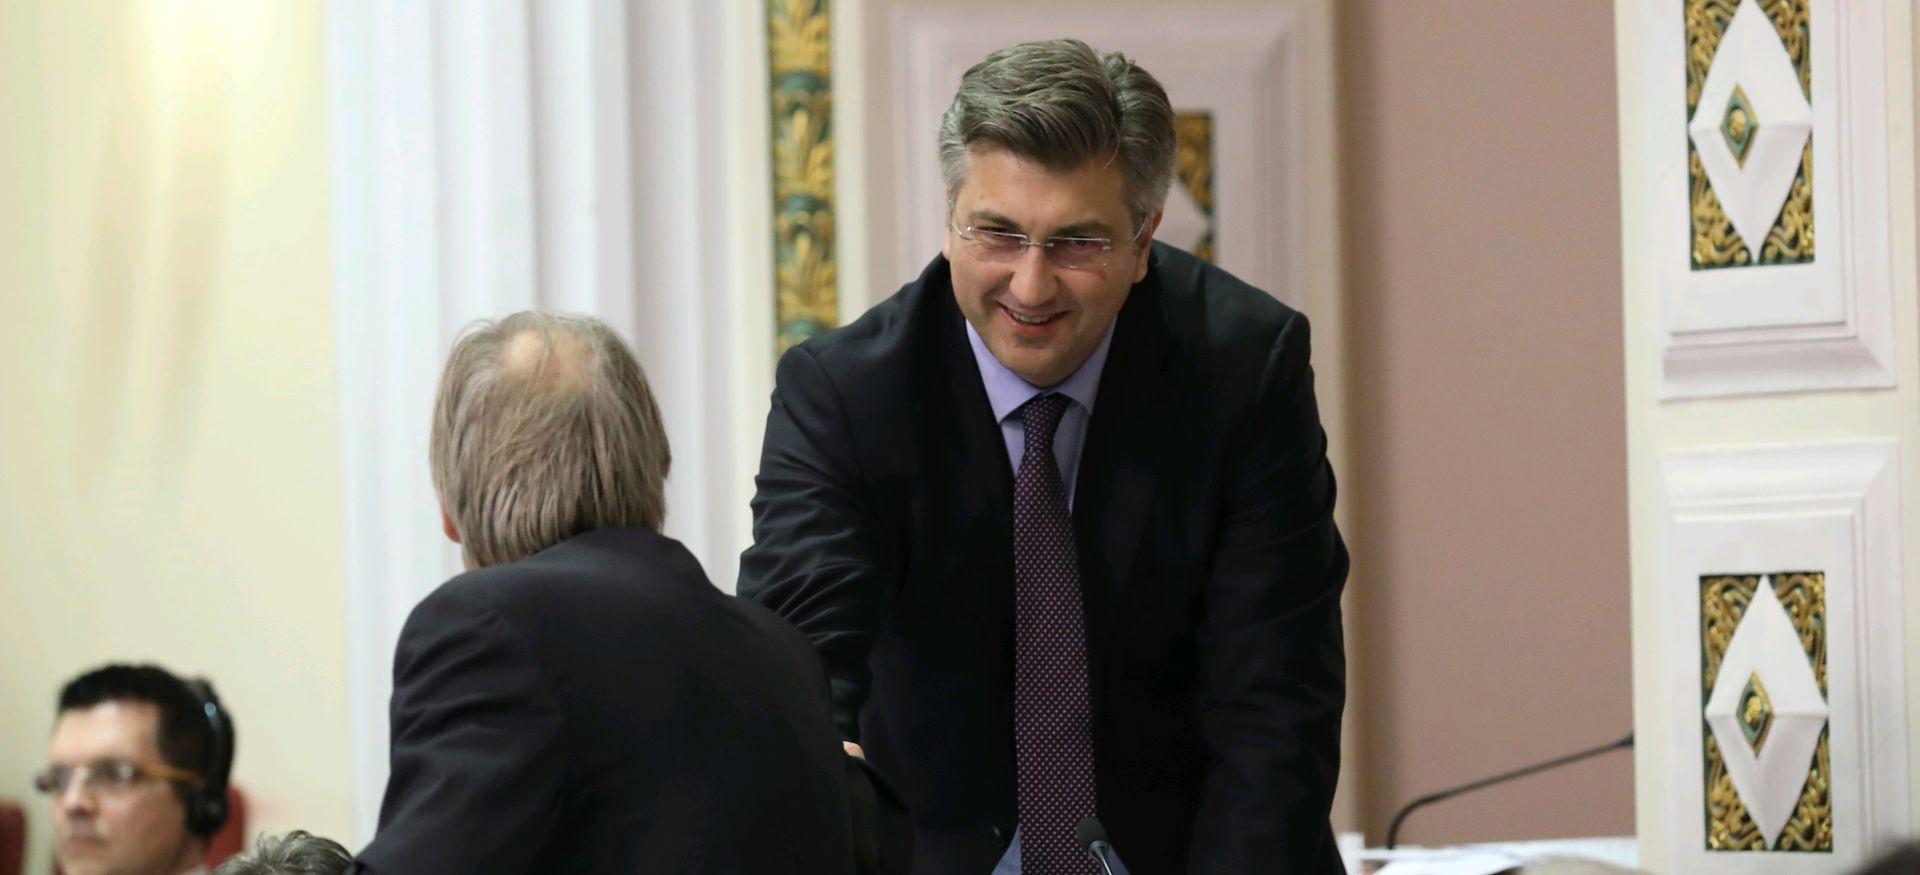 15 DANA ISTRAŽNOG ZATVORA Otkriven sadržaj prijeteće poruke premijeru Plenkoviću